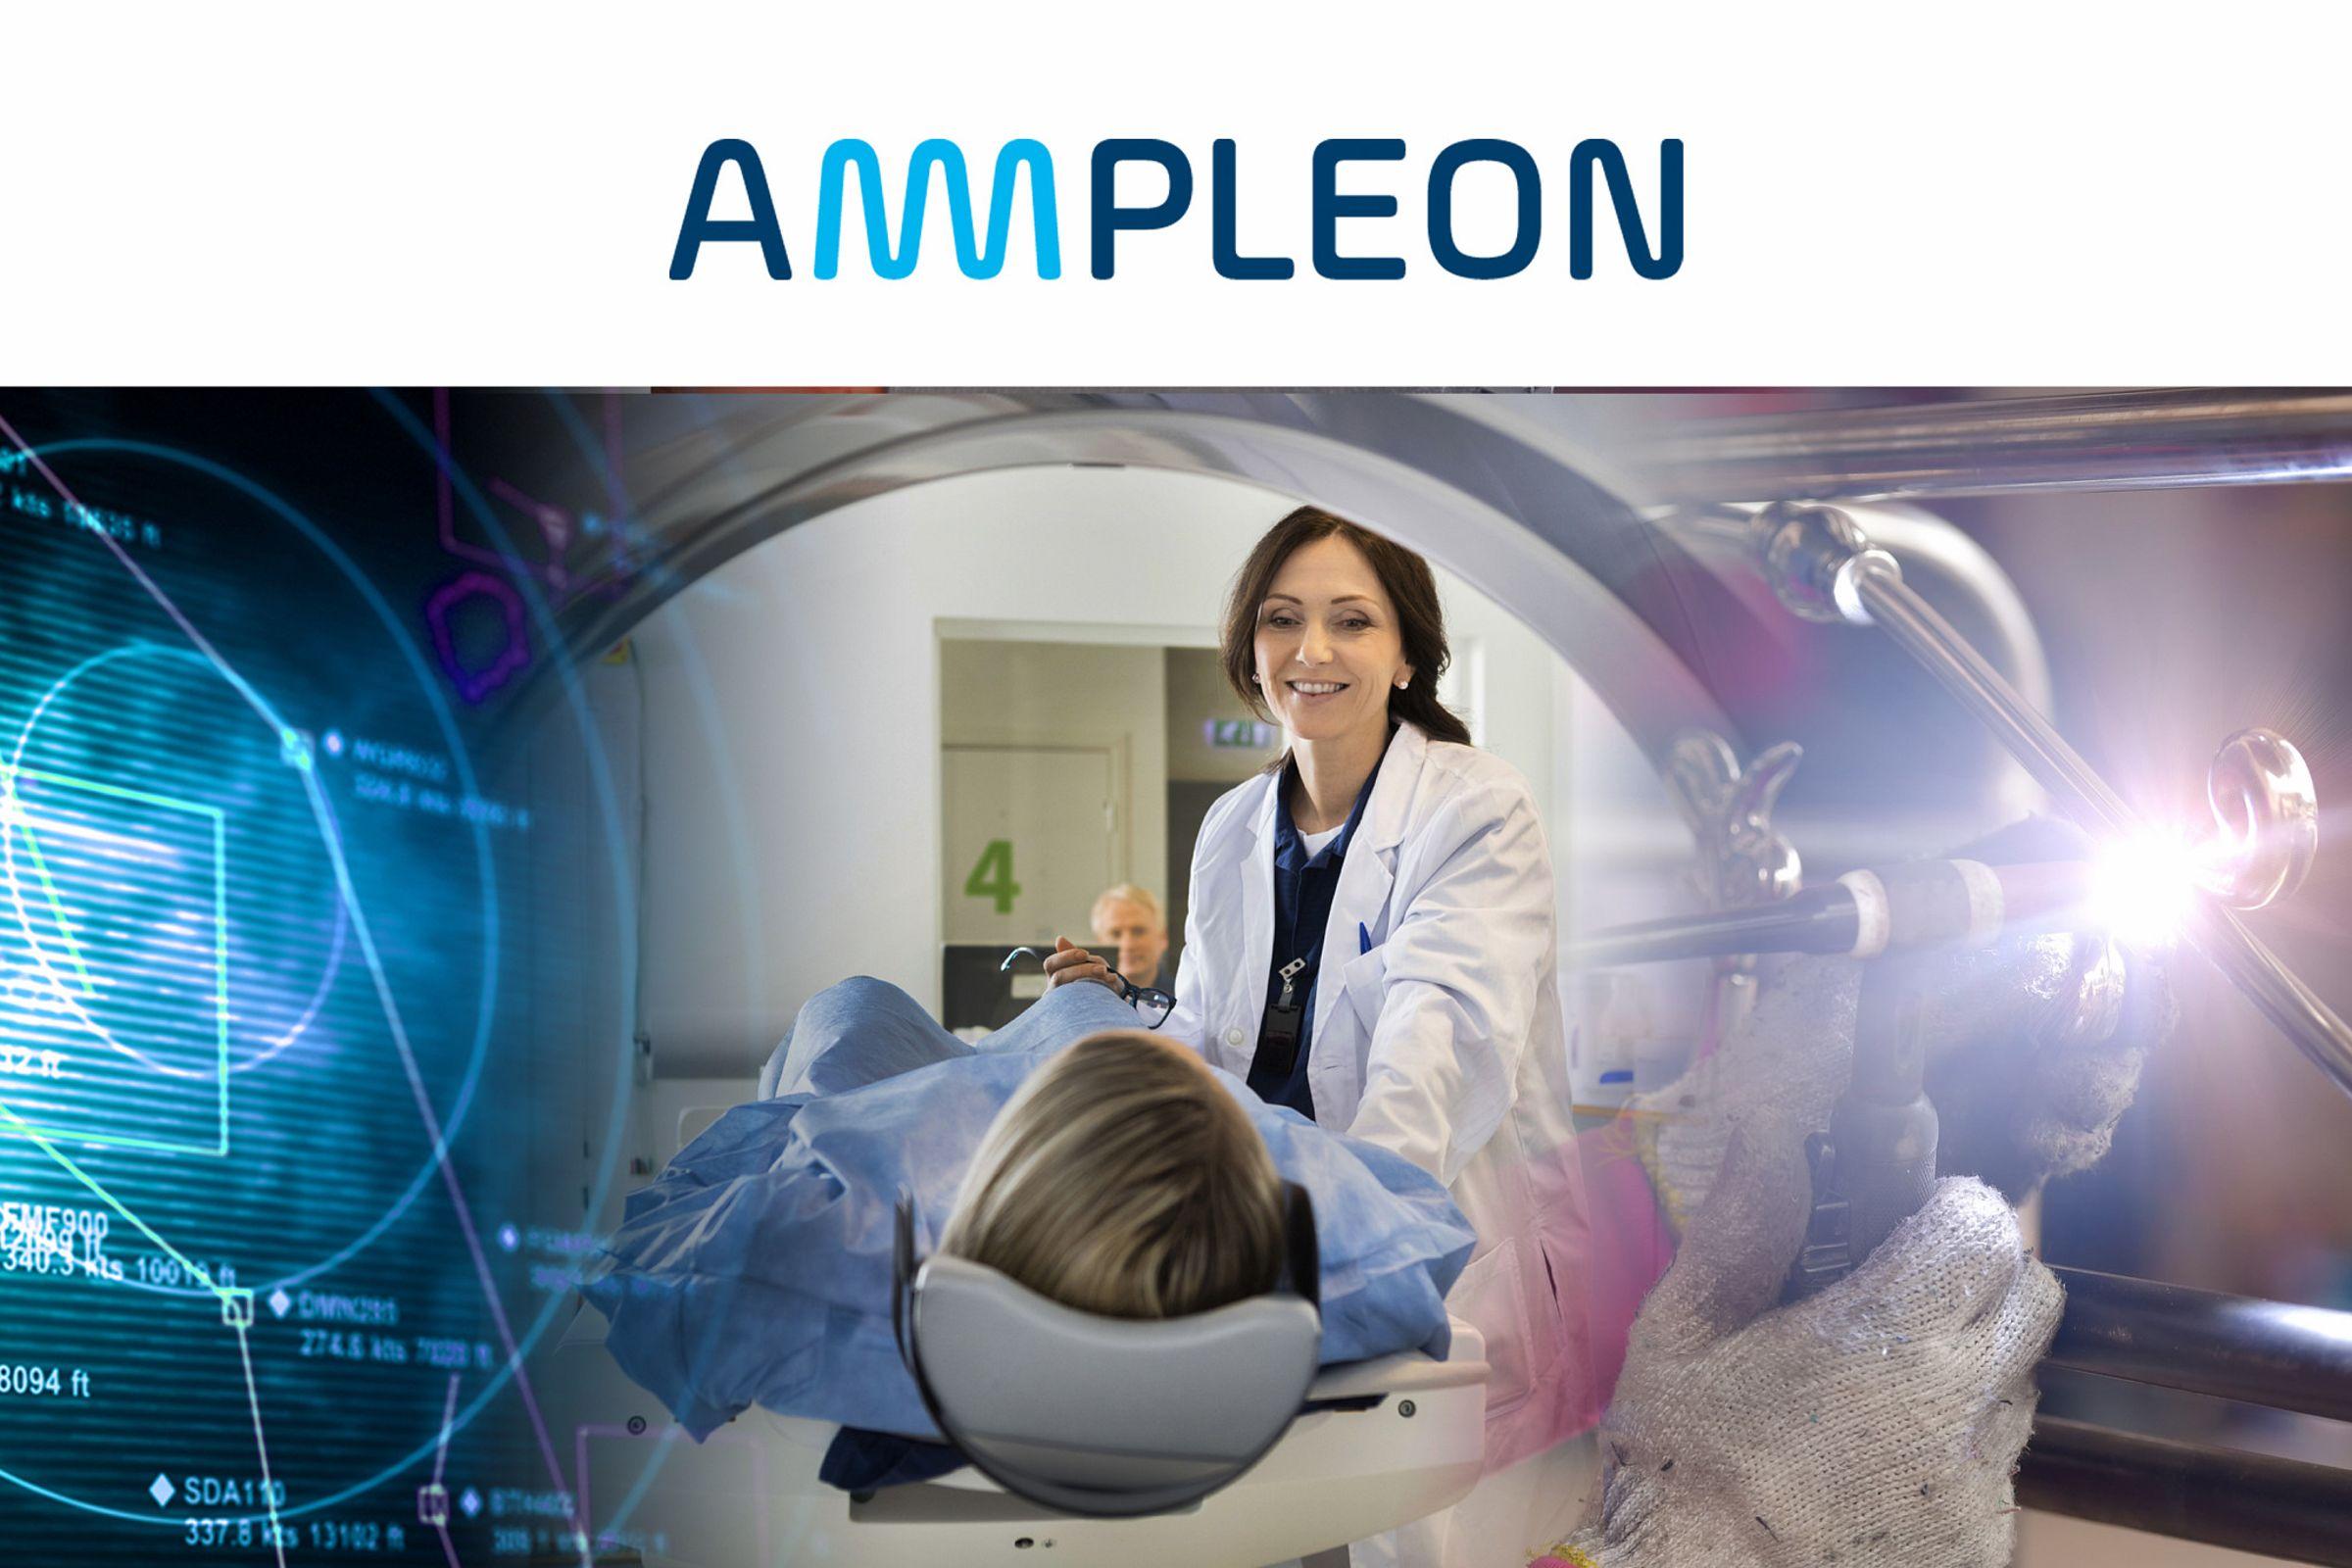 Ampleon_campaign_AUG_2020.psd?w=1200&position=c&color=ffffffff&quality=80&retina=true&u=qt7iba-1